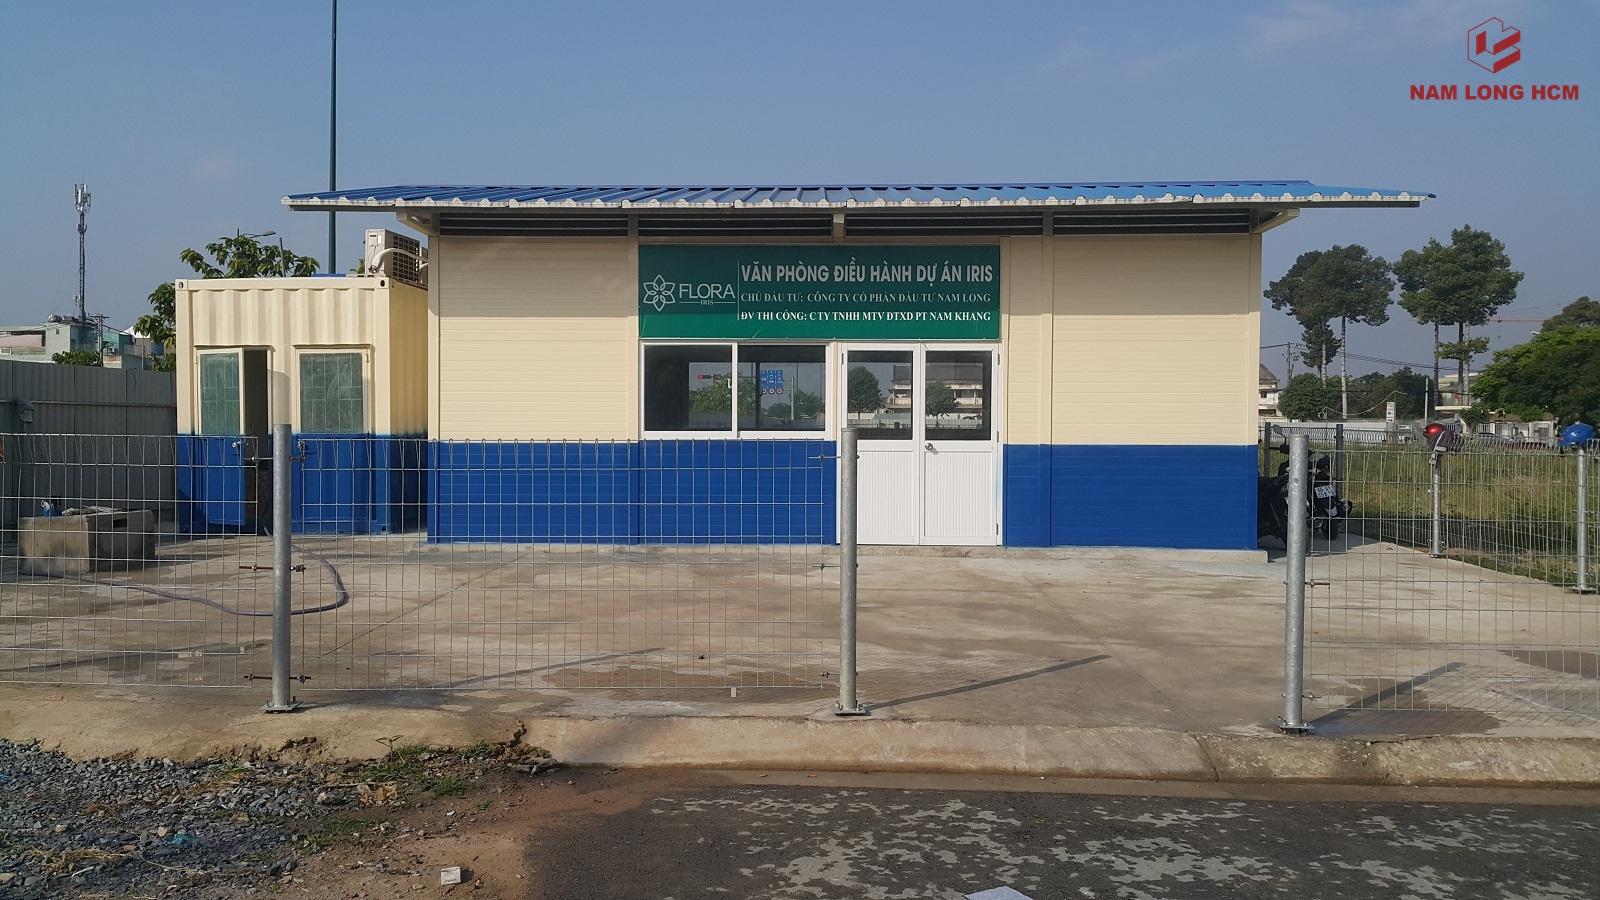 Văn phòng điều hành tại dự án Flora Iris Thủ Đức. Ảnh: Nam Long HCM